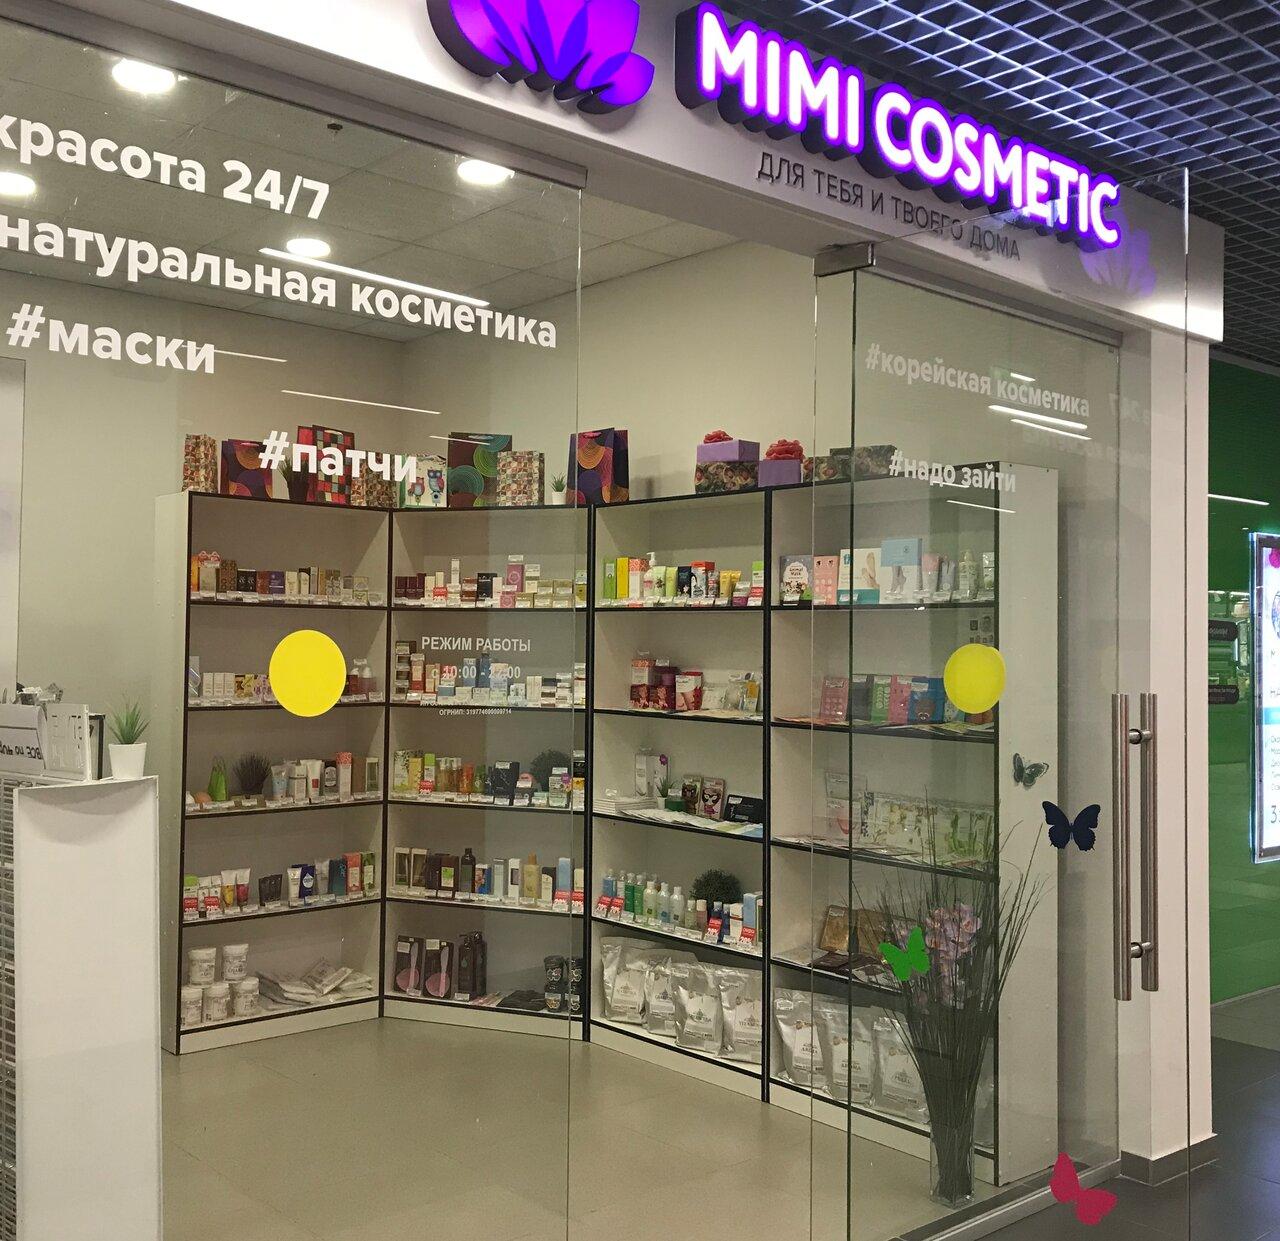 Где купить корейскую косметику в москве адреса магазинов в москве косметика белор дизайн где купить